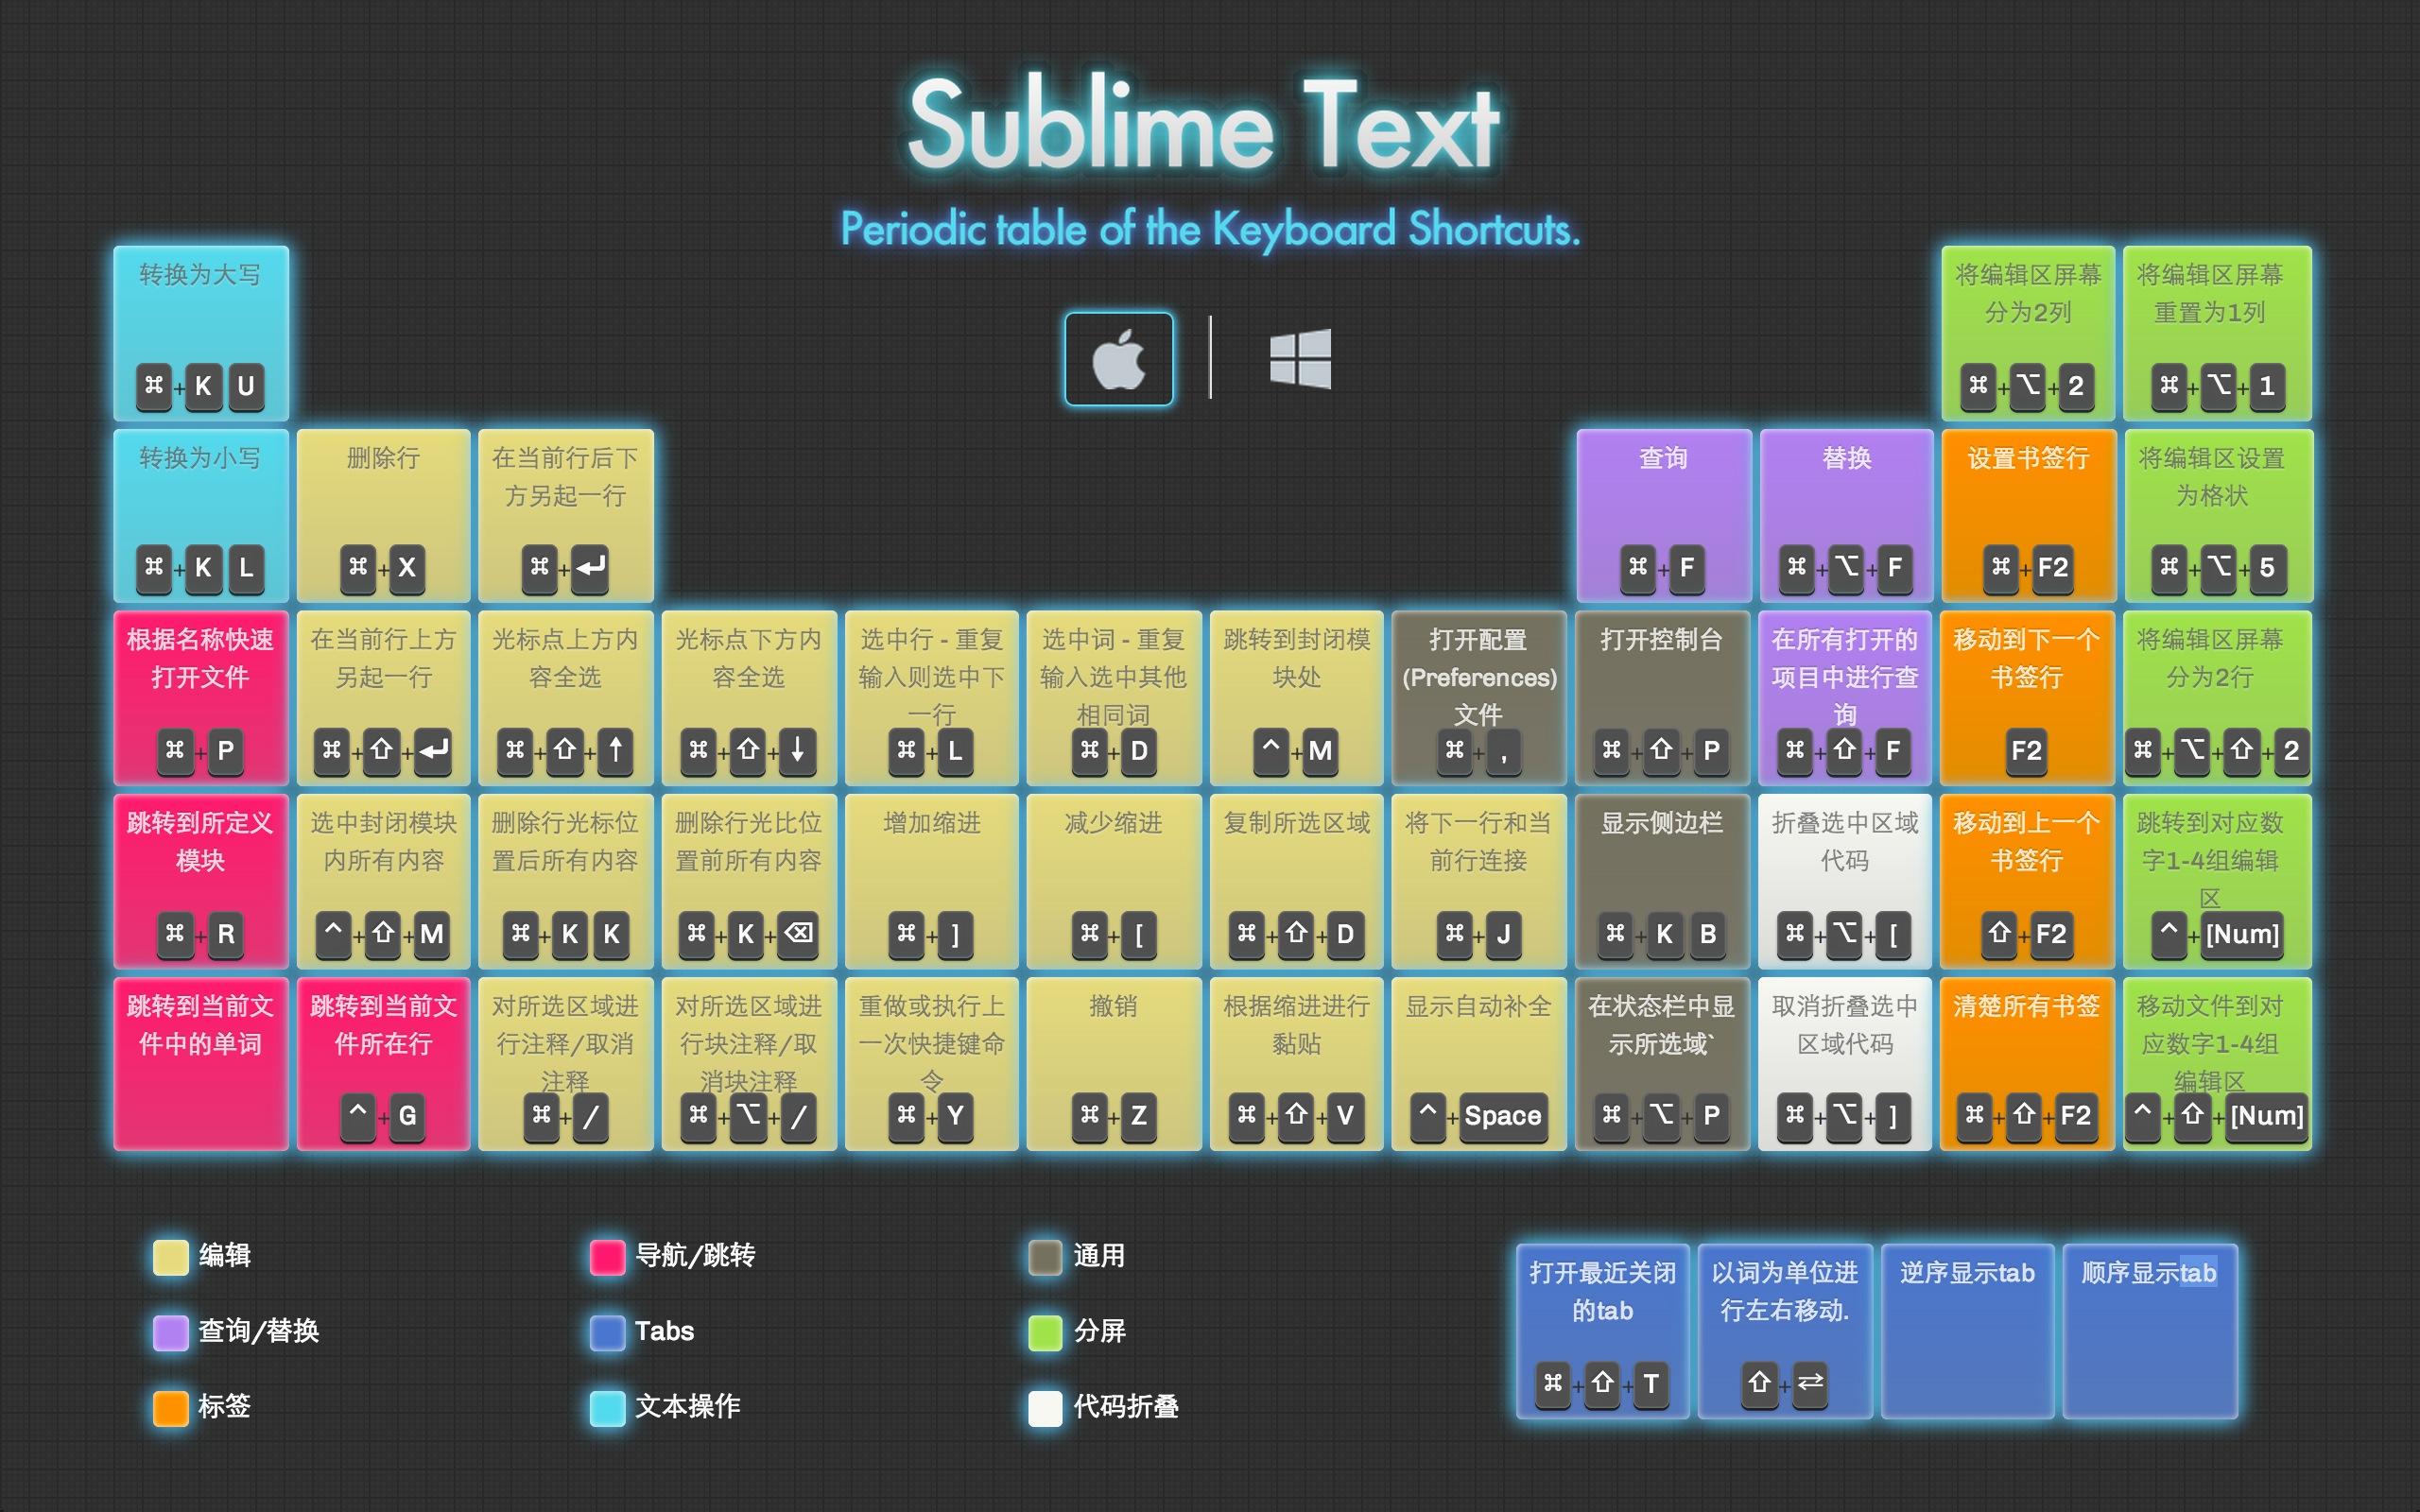 Sublime Text2 常用快捷鍵網頁版~~ 集成了Mac 和 Windows - CNode技術社區